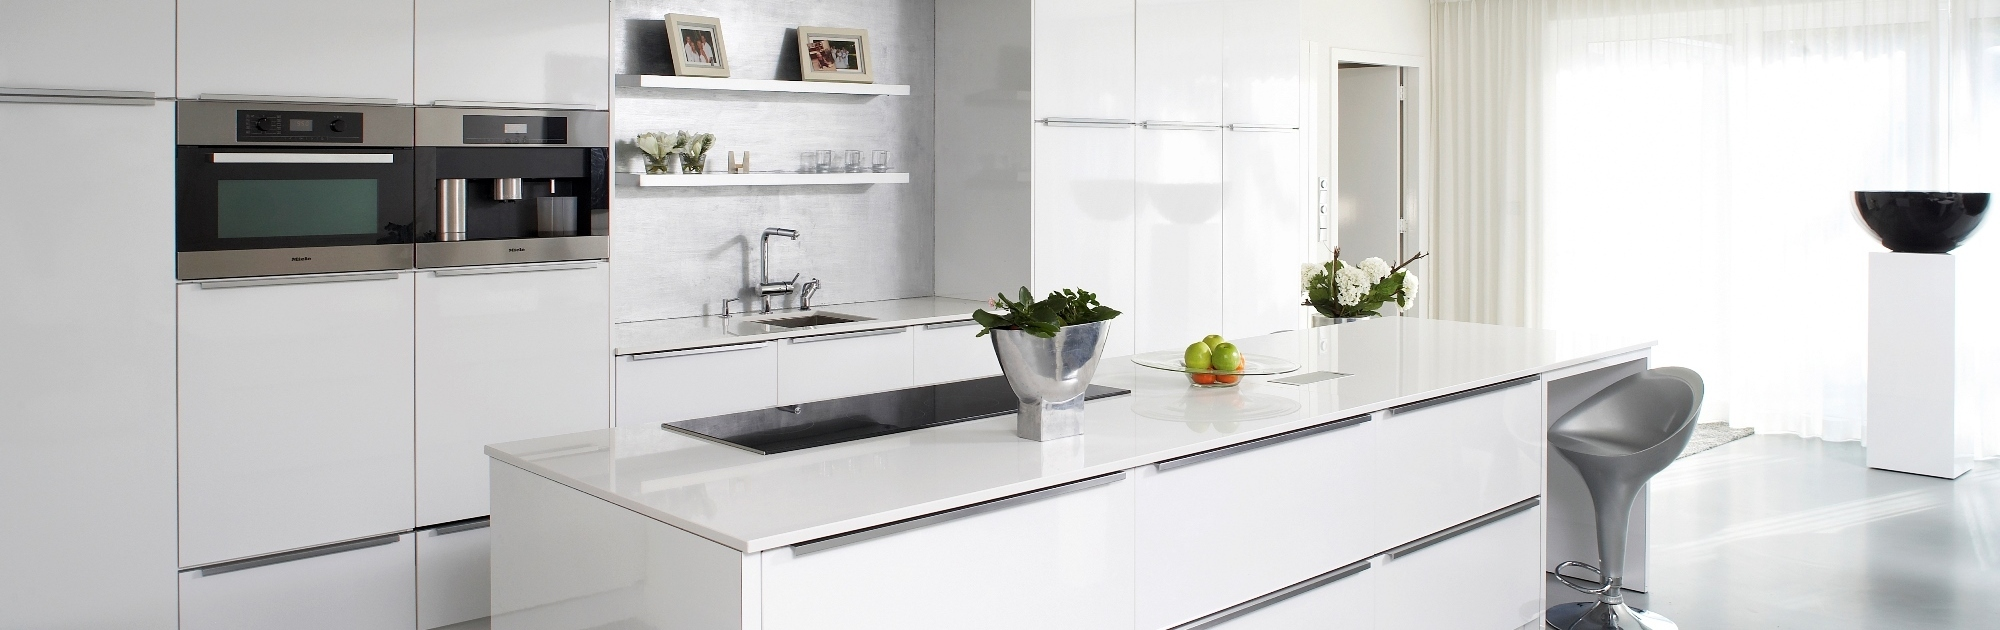 Keukens keukenkasten keukens op maat elst keukens - Gepersonaliseerde keuken ...